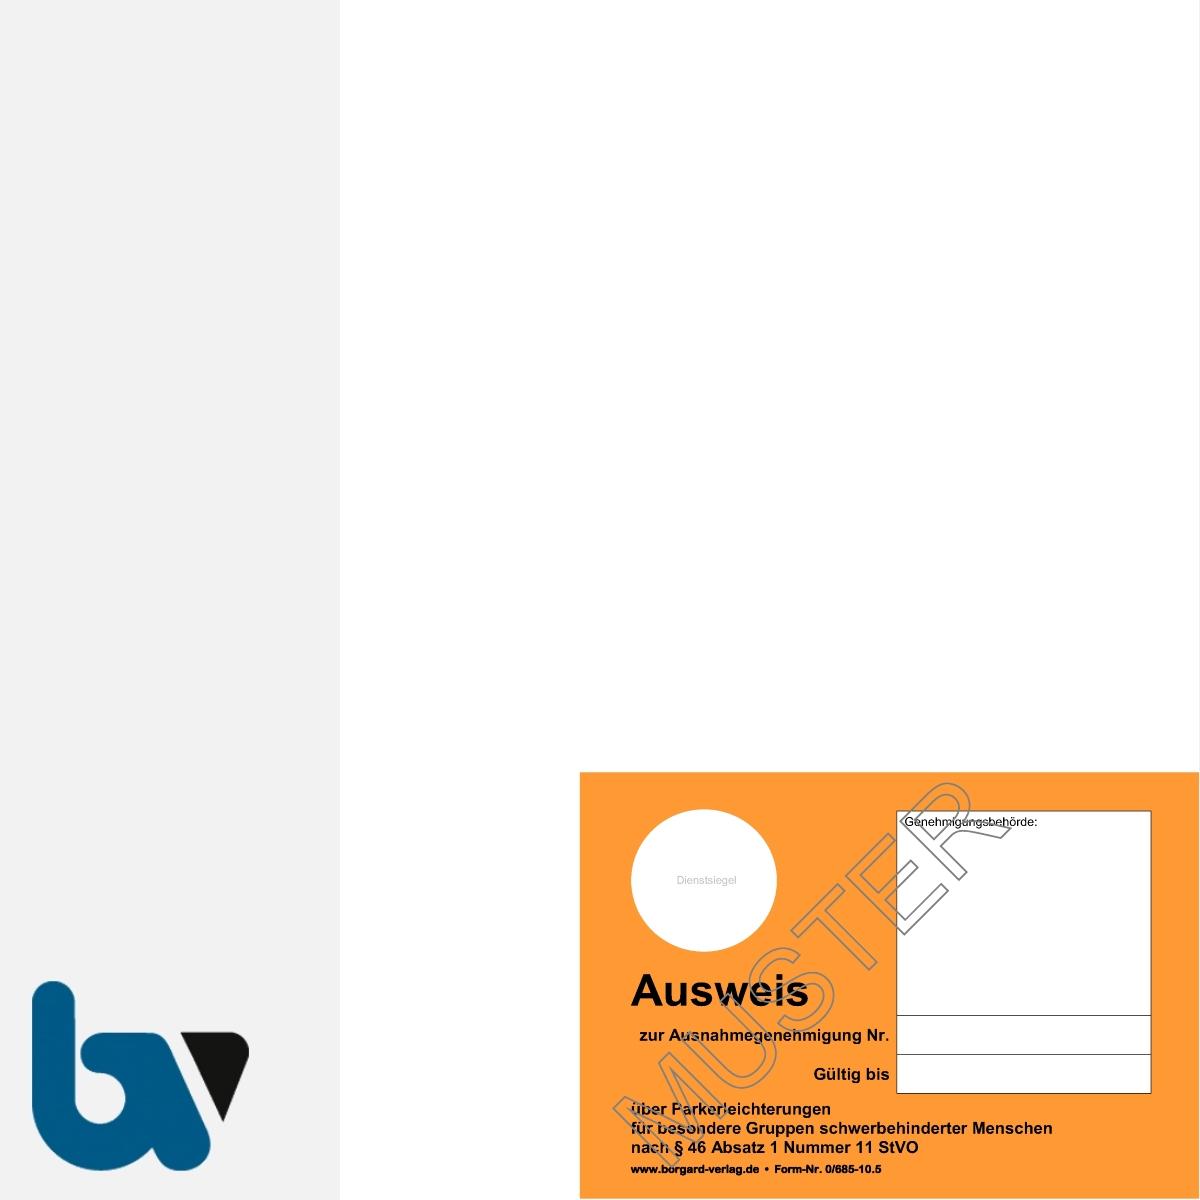 0/685-10.5 Parkausweis zur Ausnahmegenehmigung über Parkerleichterungen BRD orange Modell behinderte Menschen DIN A4 perforiert VS | Borgard Verlag GmbH